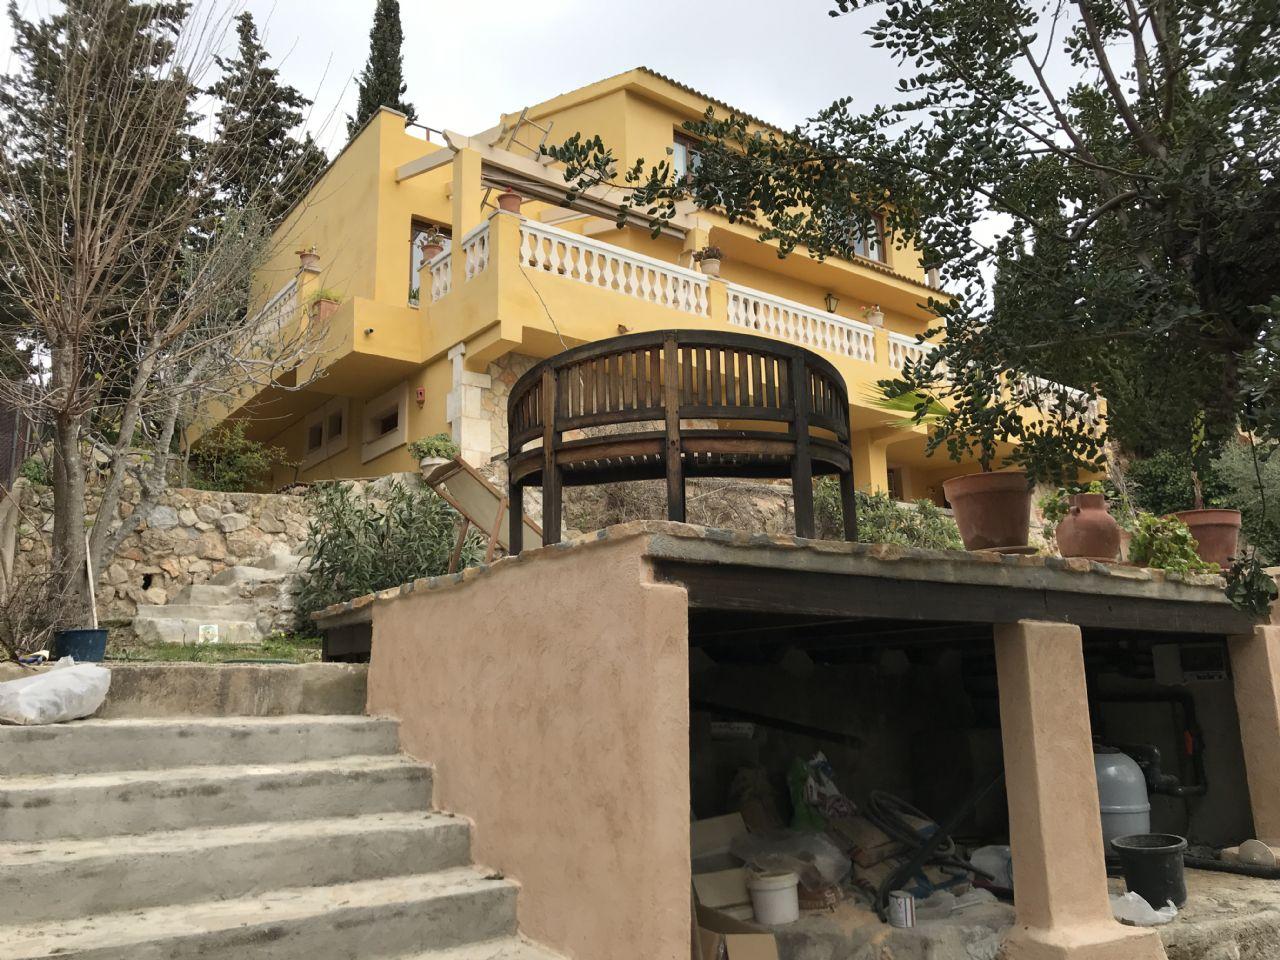 Maison  Ses rotgetes. Casa con piscina y vistas tramuntana. cinco habitaciones dos zon